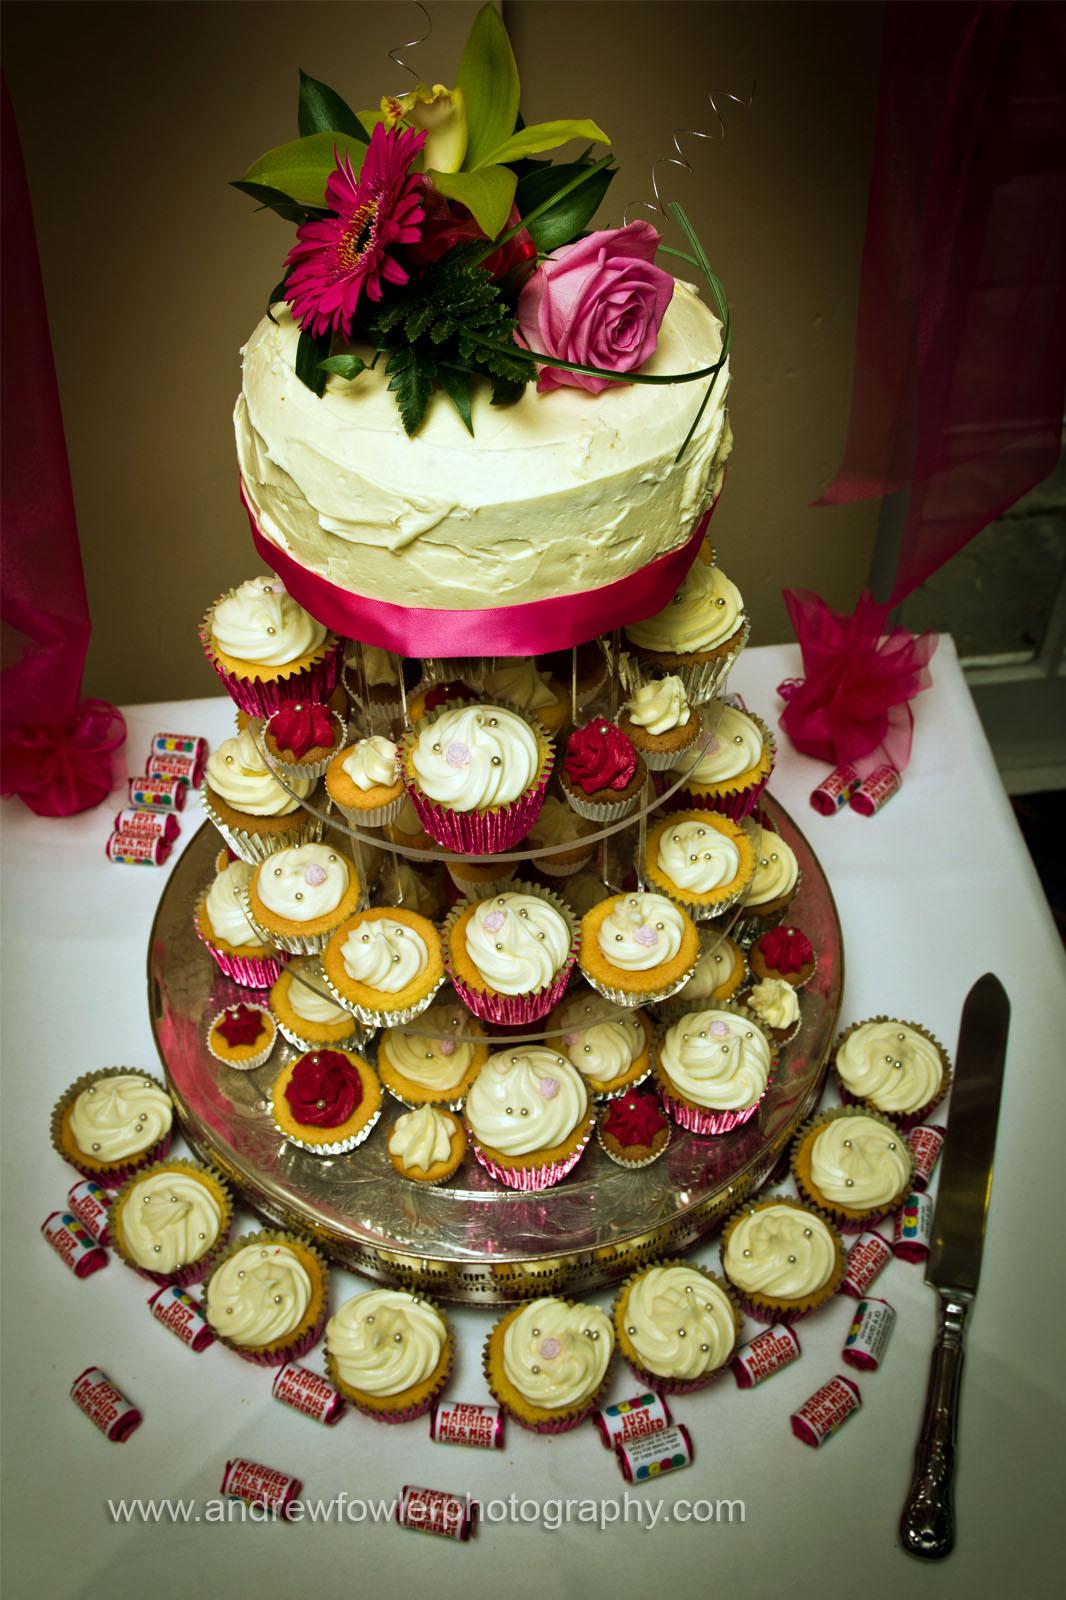 http://1.bp.blogspot.com/-DxeXRB3uiNY/TdrR6yHrBBI/AAAAAAAABIc/NK0CiiRj28w/s1600/Bridge_Inn_Wedding_14.jpg